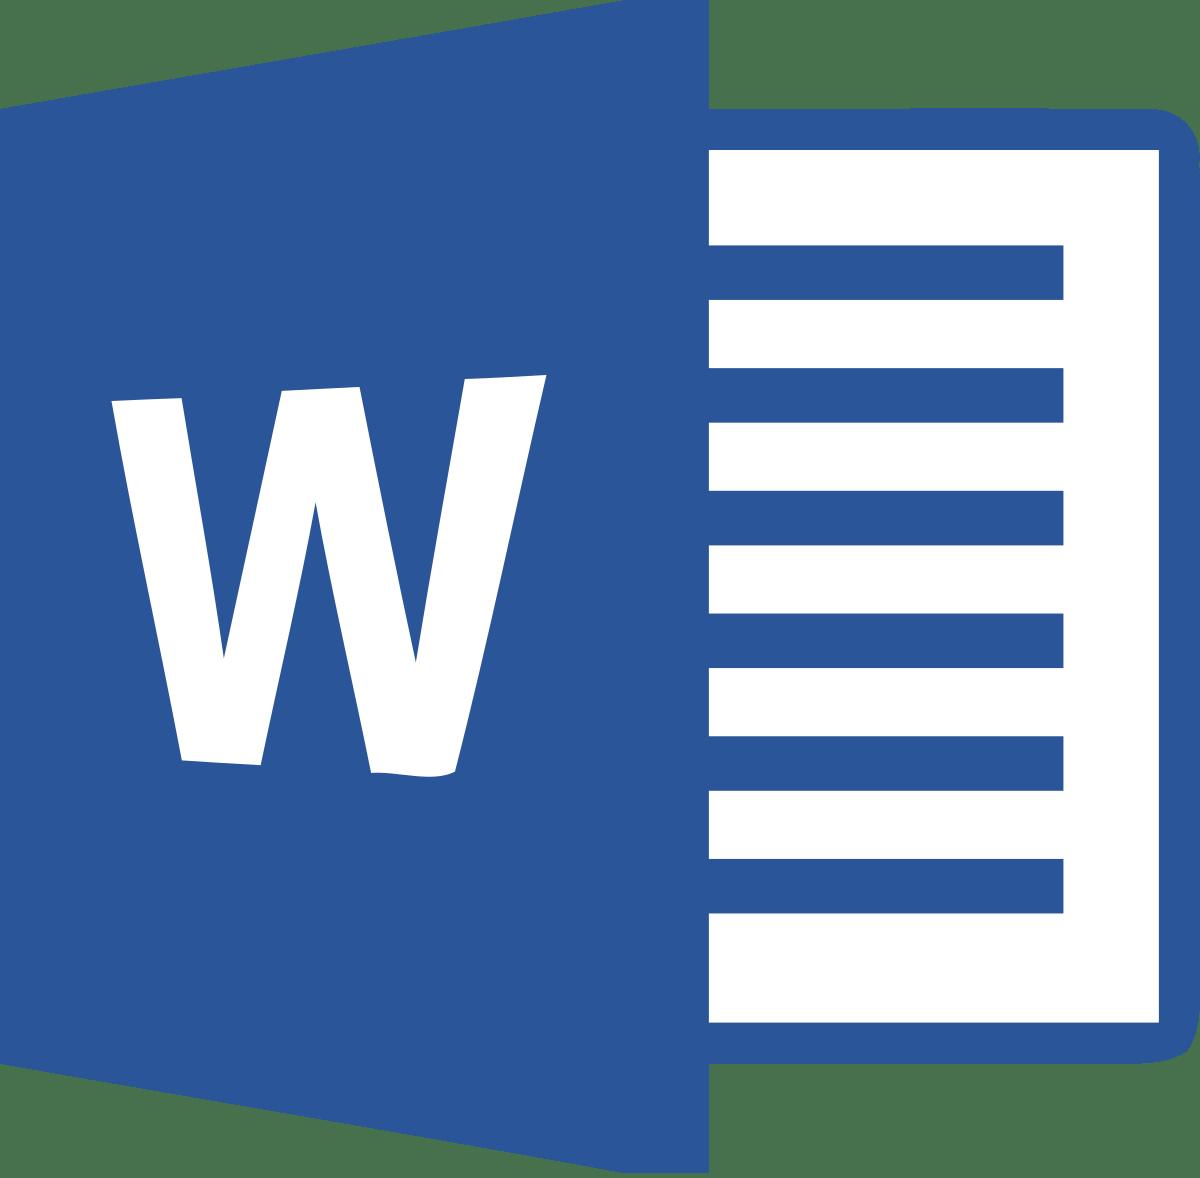 Curso de Word: Los 5 Más Recomendados y Gratuitos